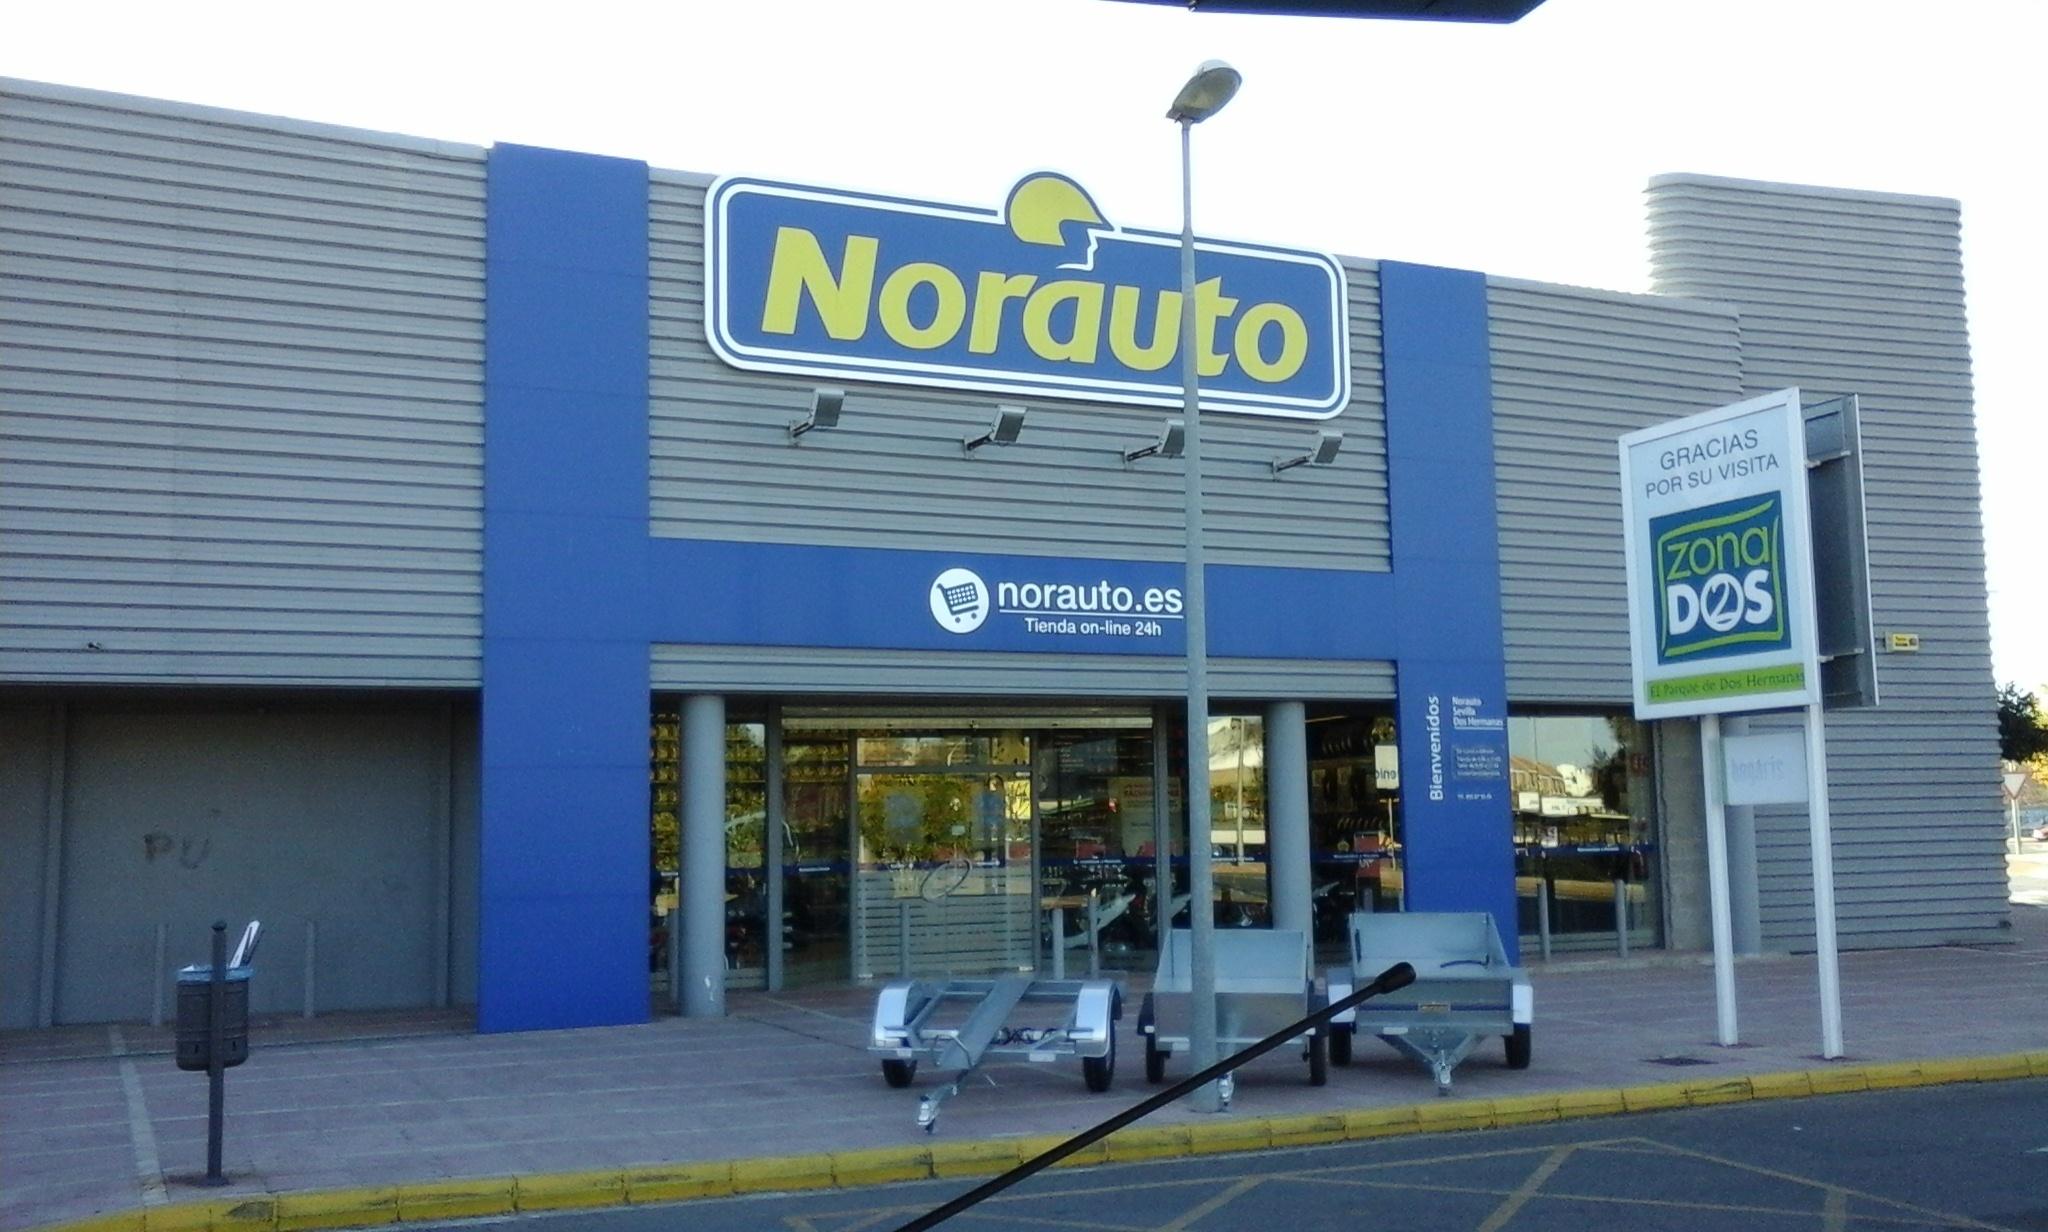 Norauto Dos Hermanas